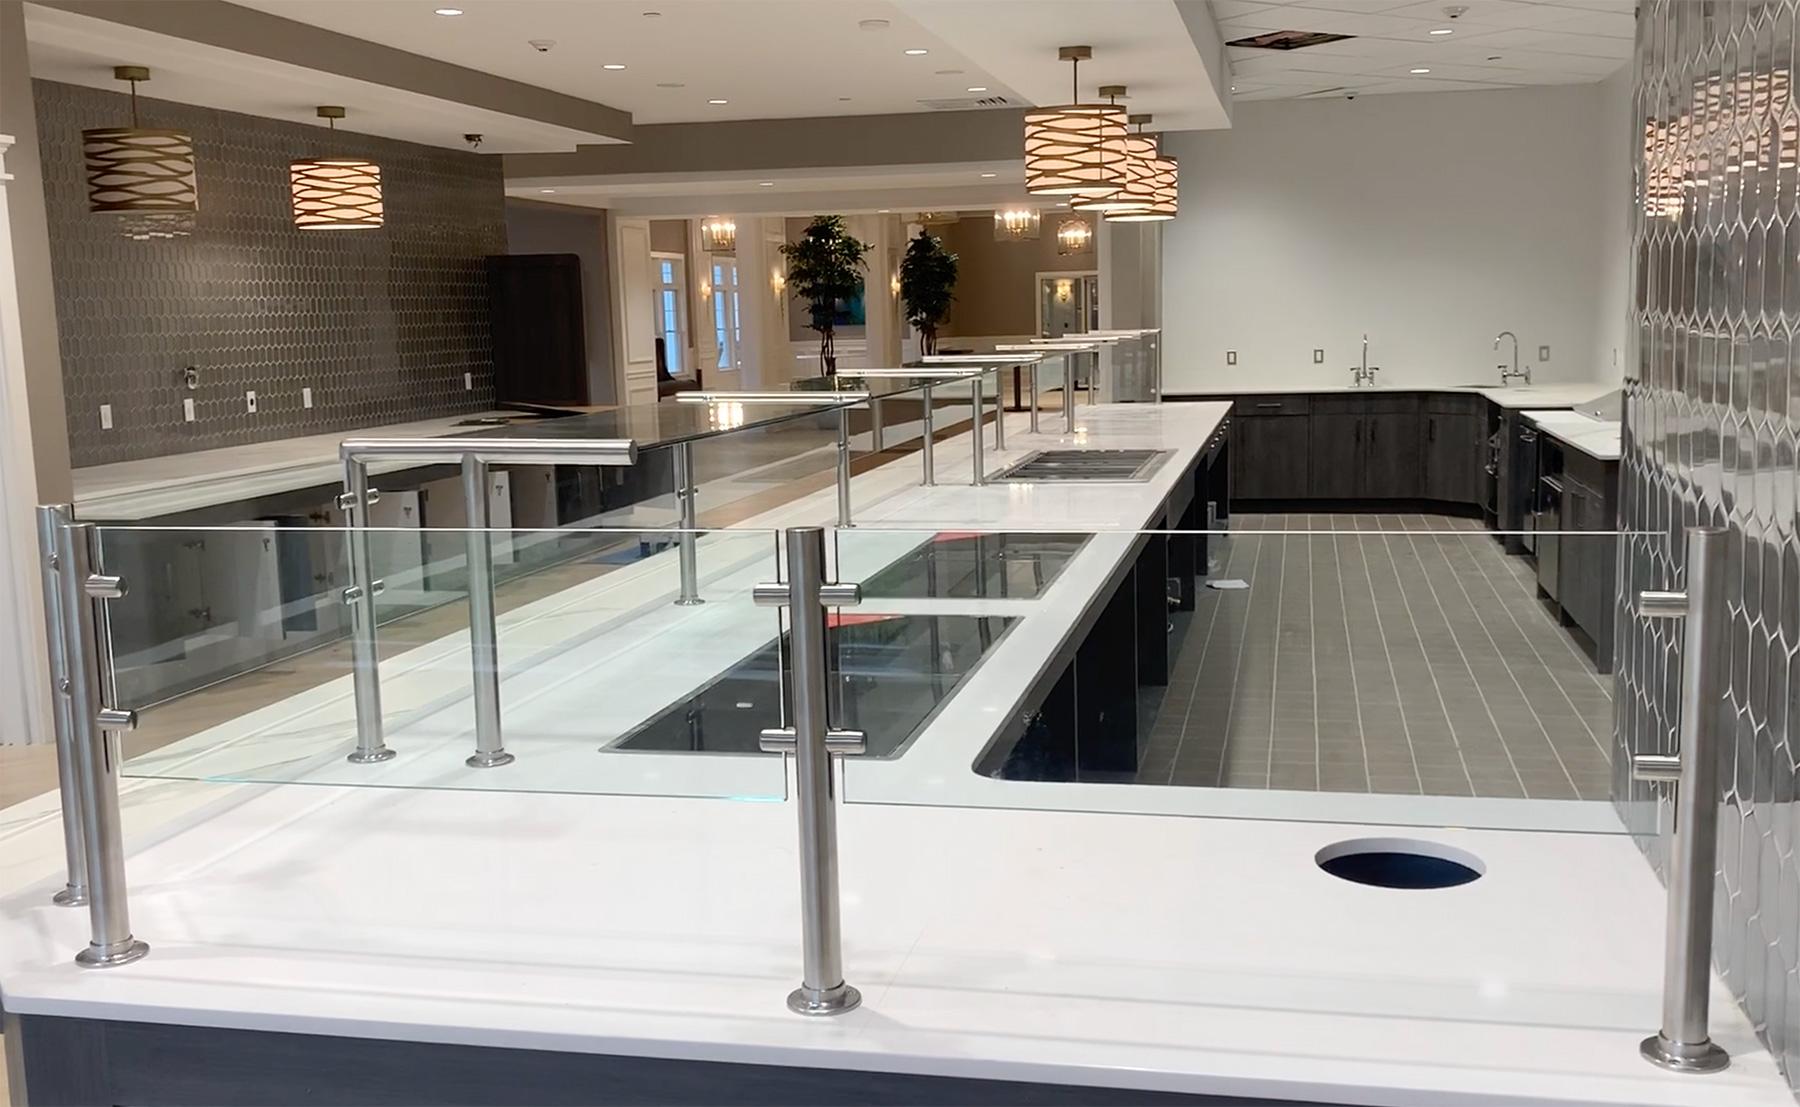 Satin Stainless Steel | Wellbridge Addiction Treatment Center - Calverton, NY